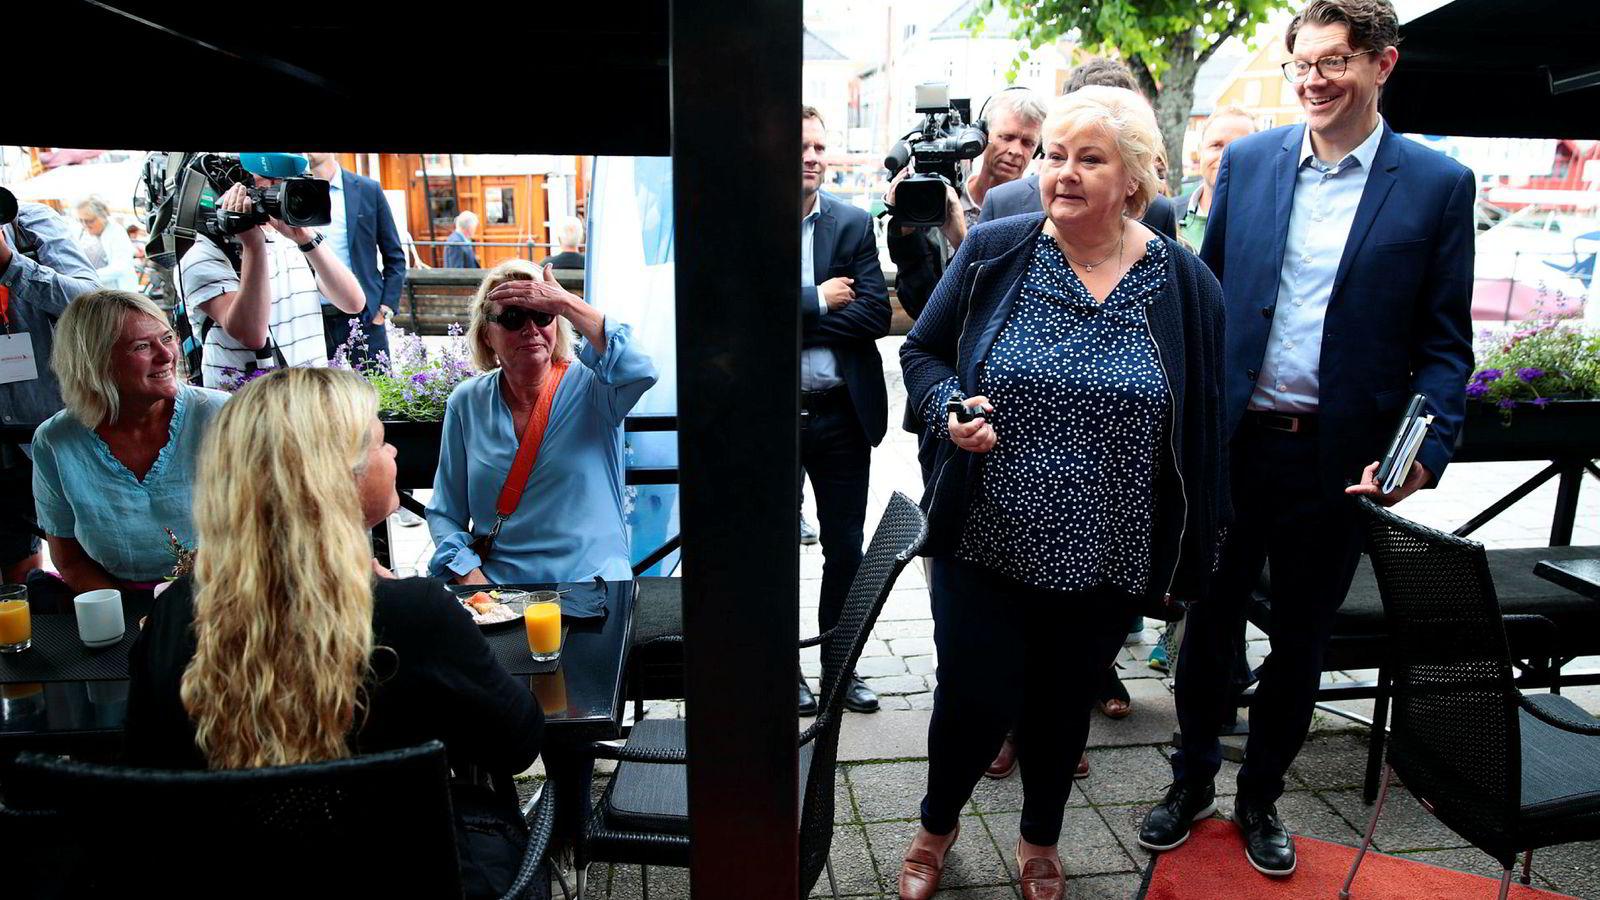 Statsminister Erna Solberg (H) møtte pressen på Blom restaurant på åpningsdagen av Arendalsuka mandag.